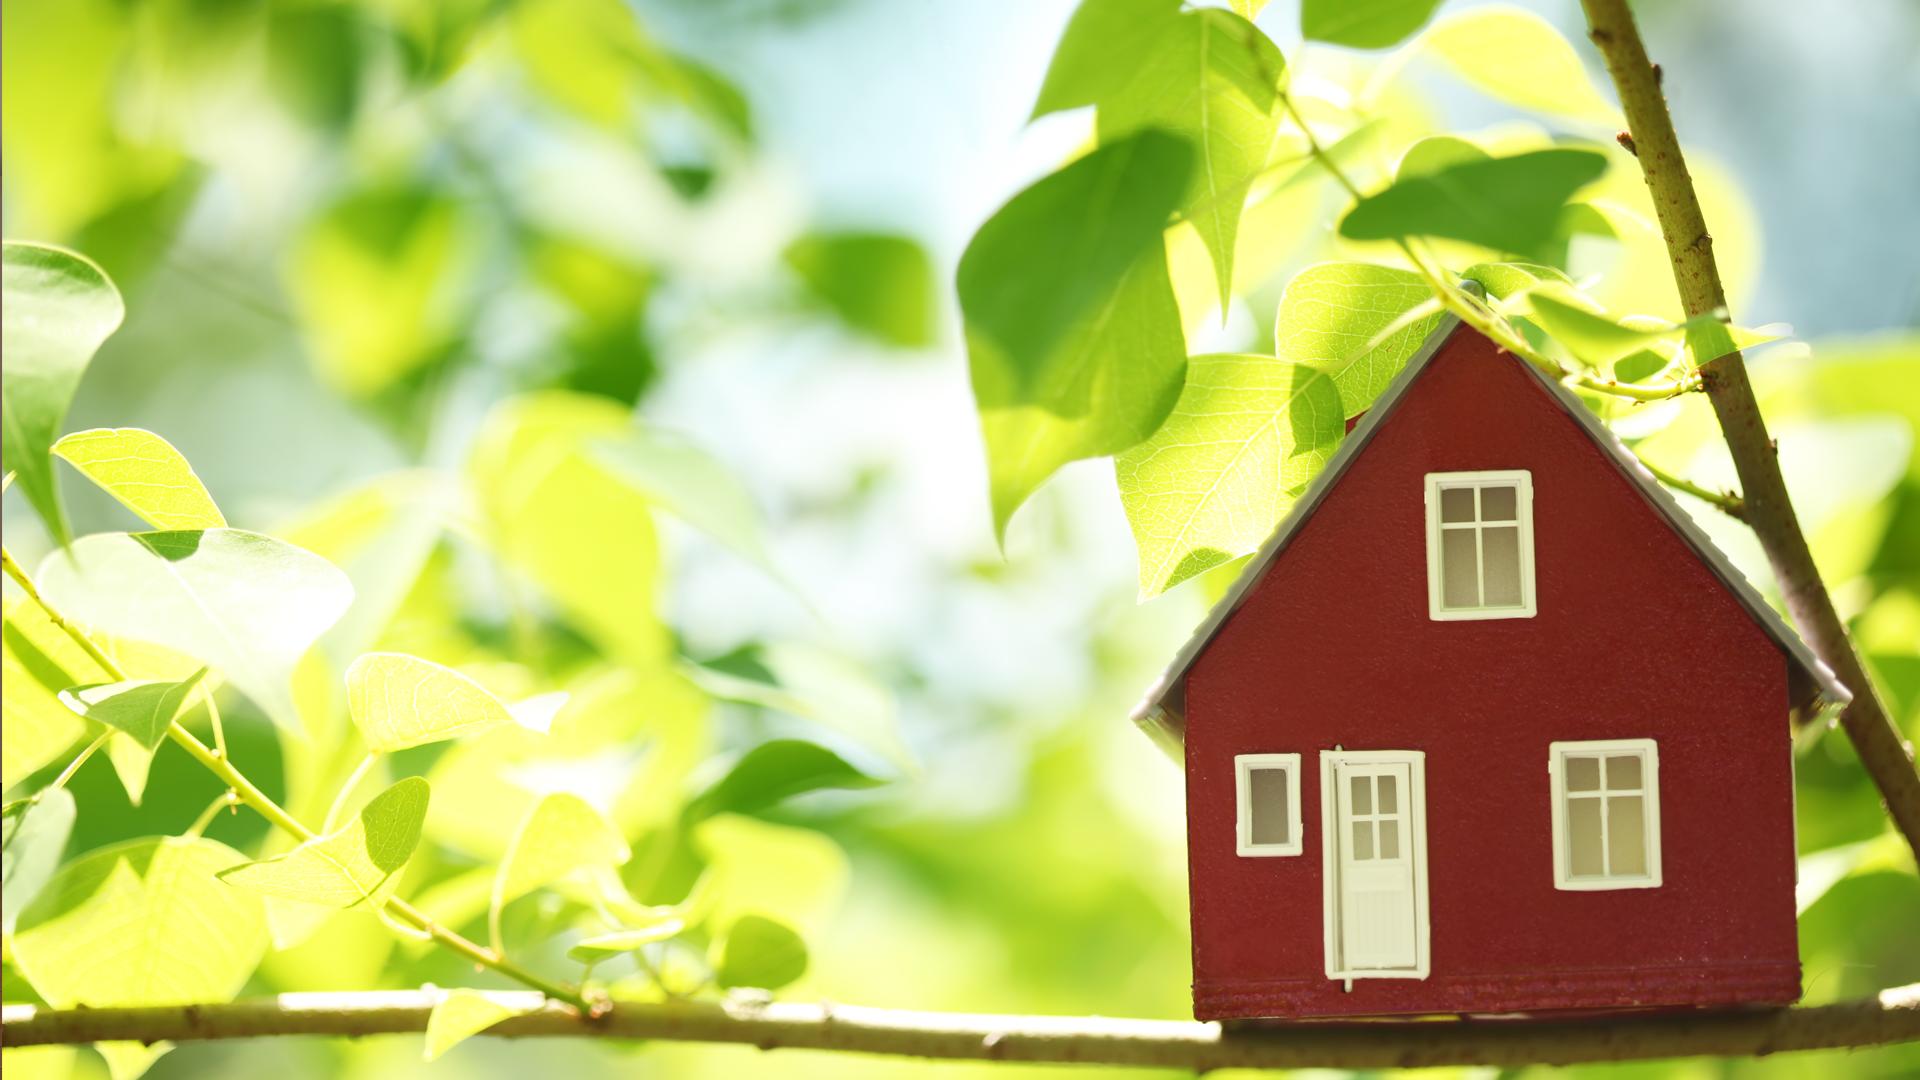 Дом и листья